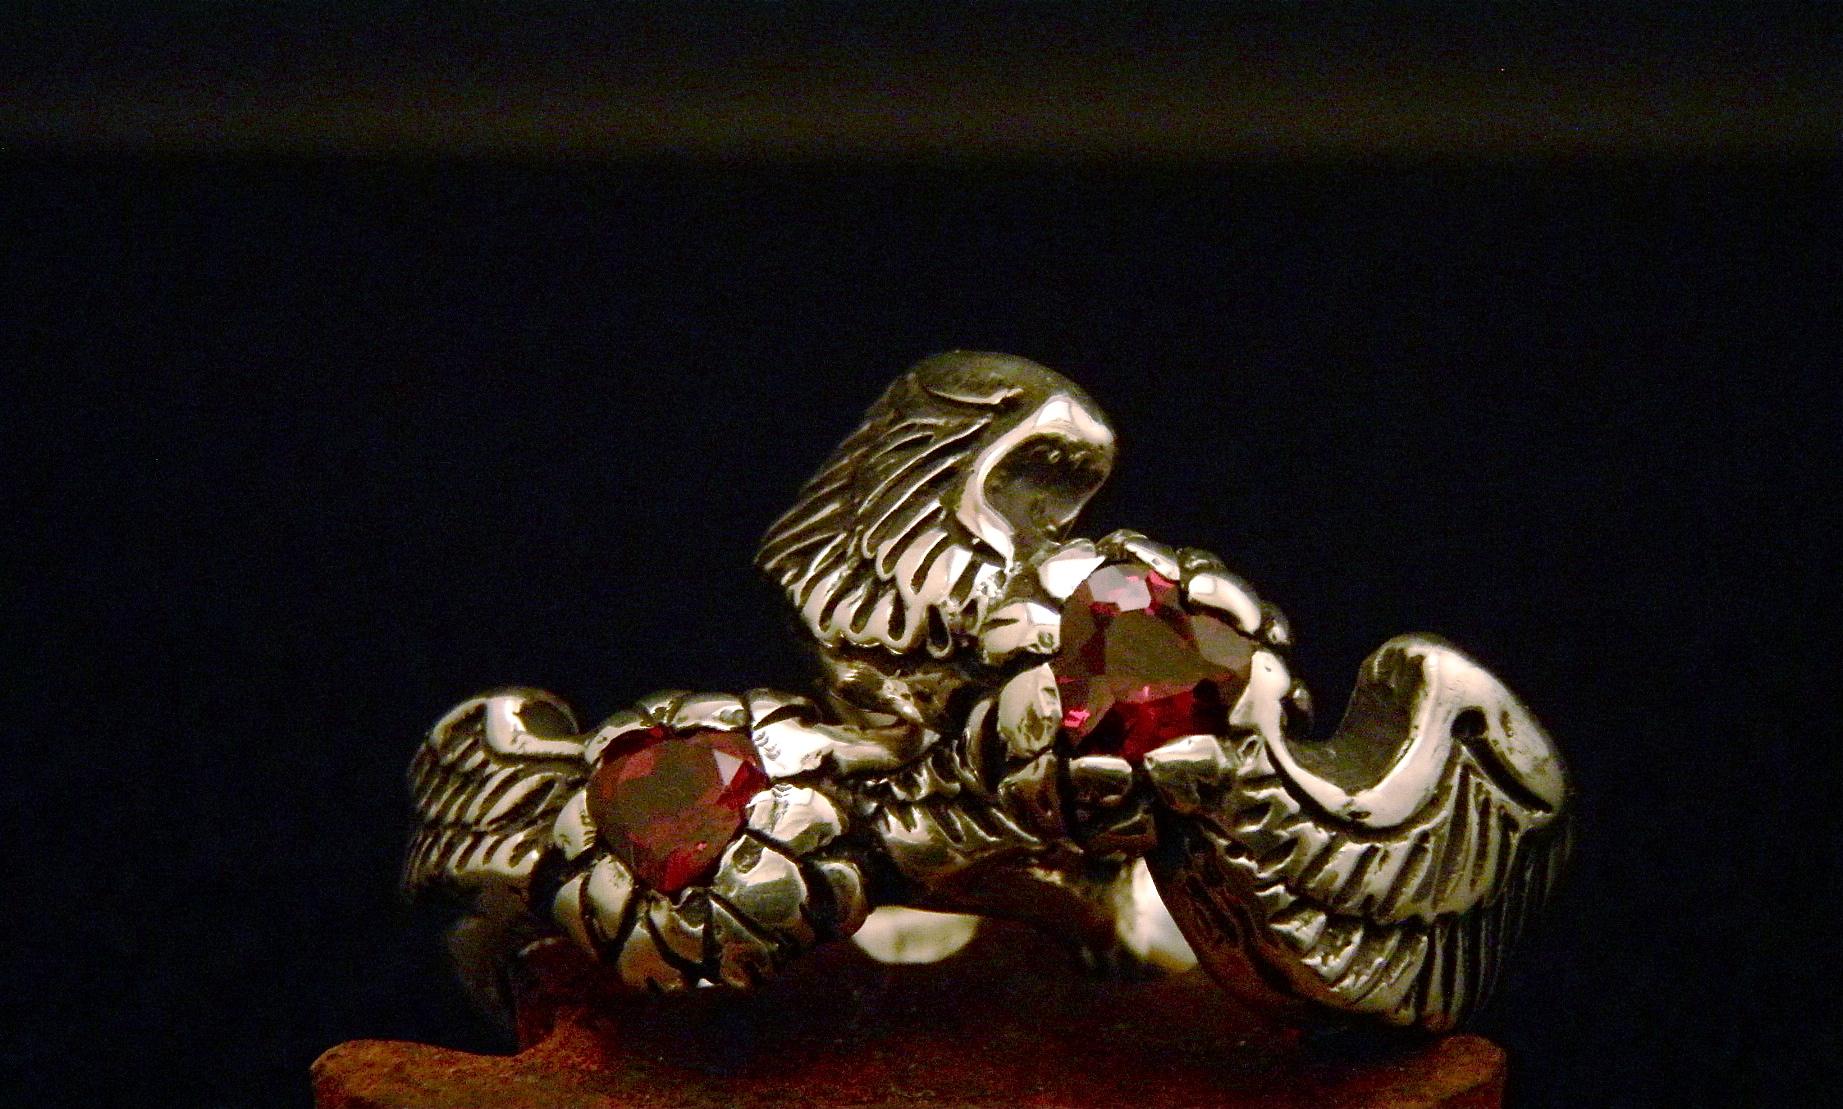 scott valeries 11 custom wedding rings handmade wedding rings Scott Valerie s 1 1 Custom Wedding Rings